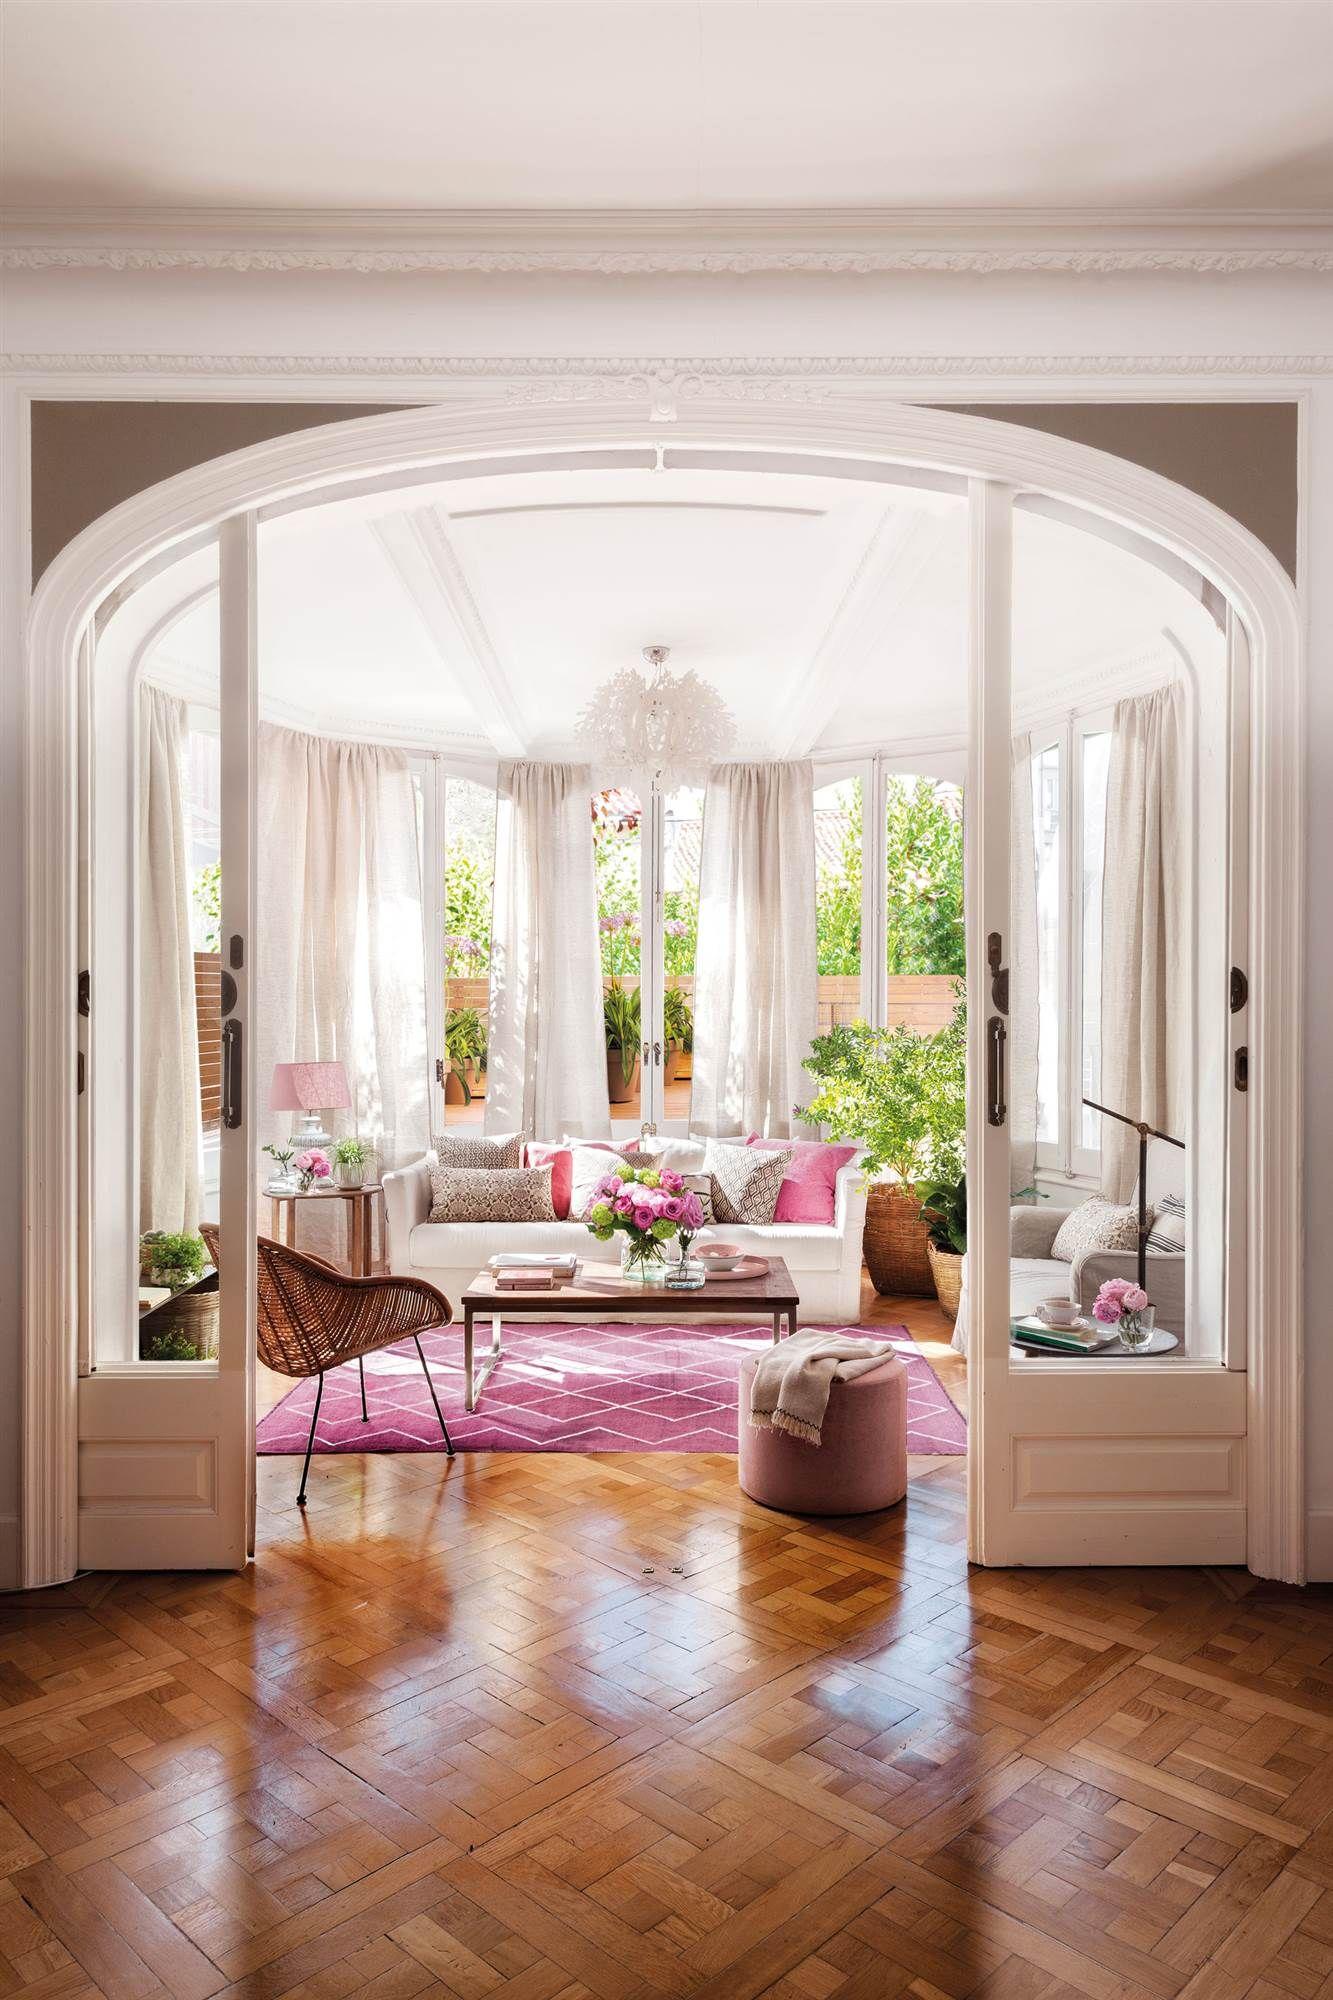 saln grande y clsico decorado en blanco y rosa con parquet en espiga y puertas